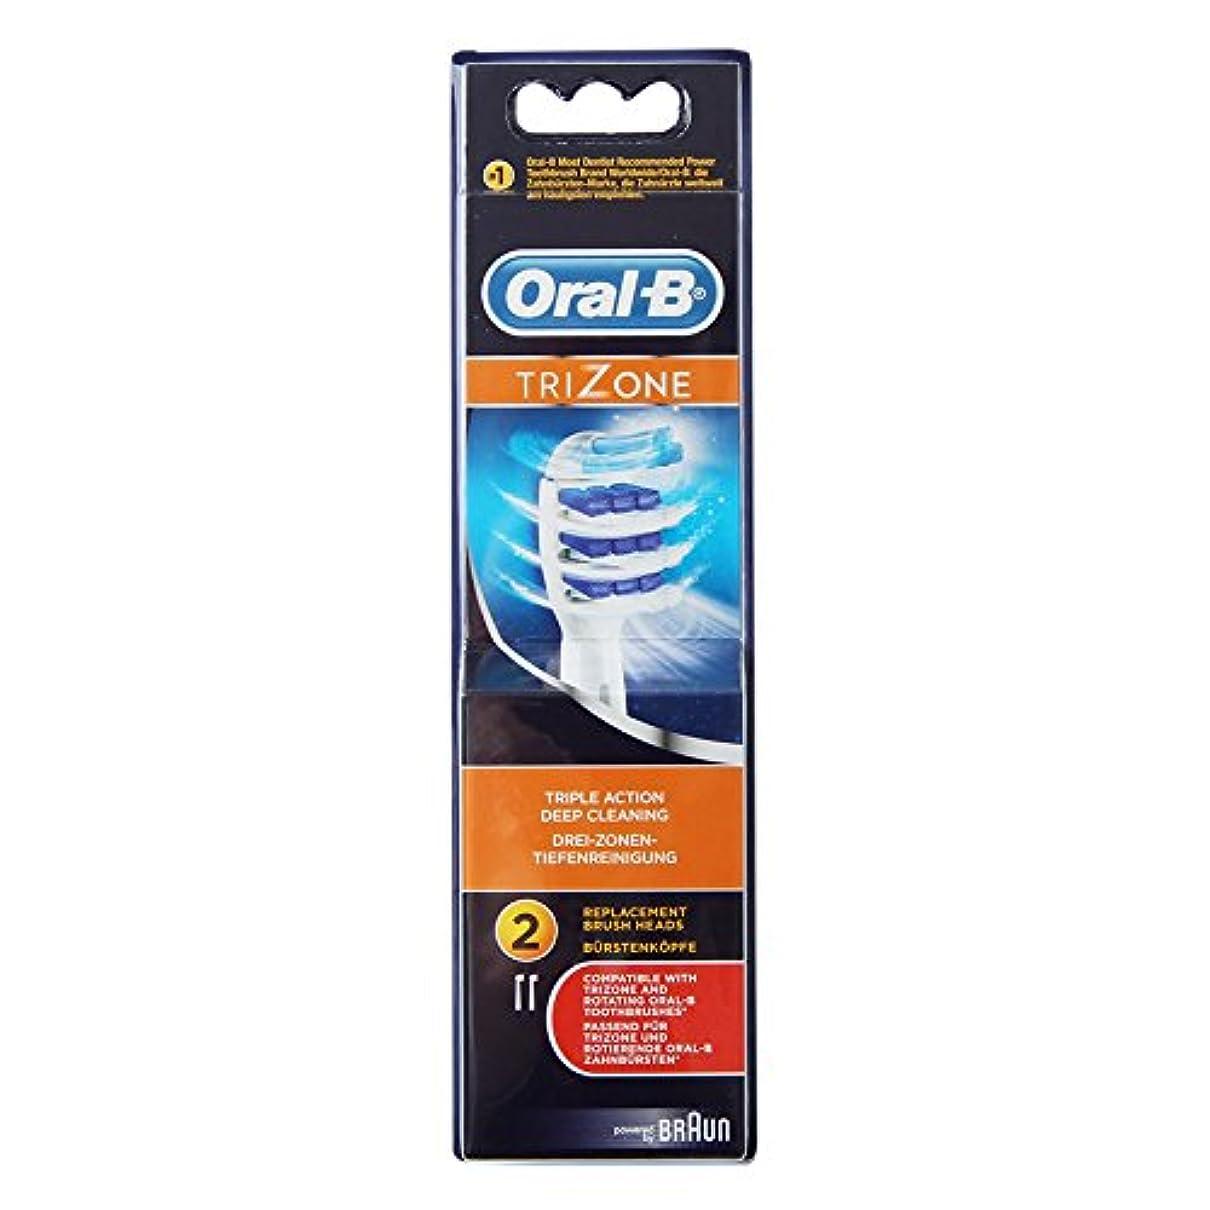 ウガンダ鳥酔っ払いBraun Oral-B EB30-2 TriZone 交換式充電式歯ブラシヘッド 1Pack [並行輸入品]